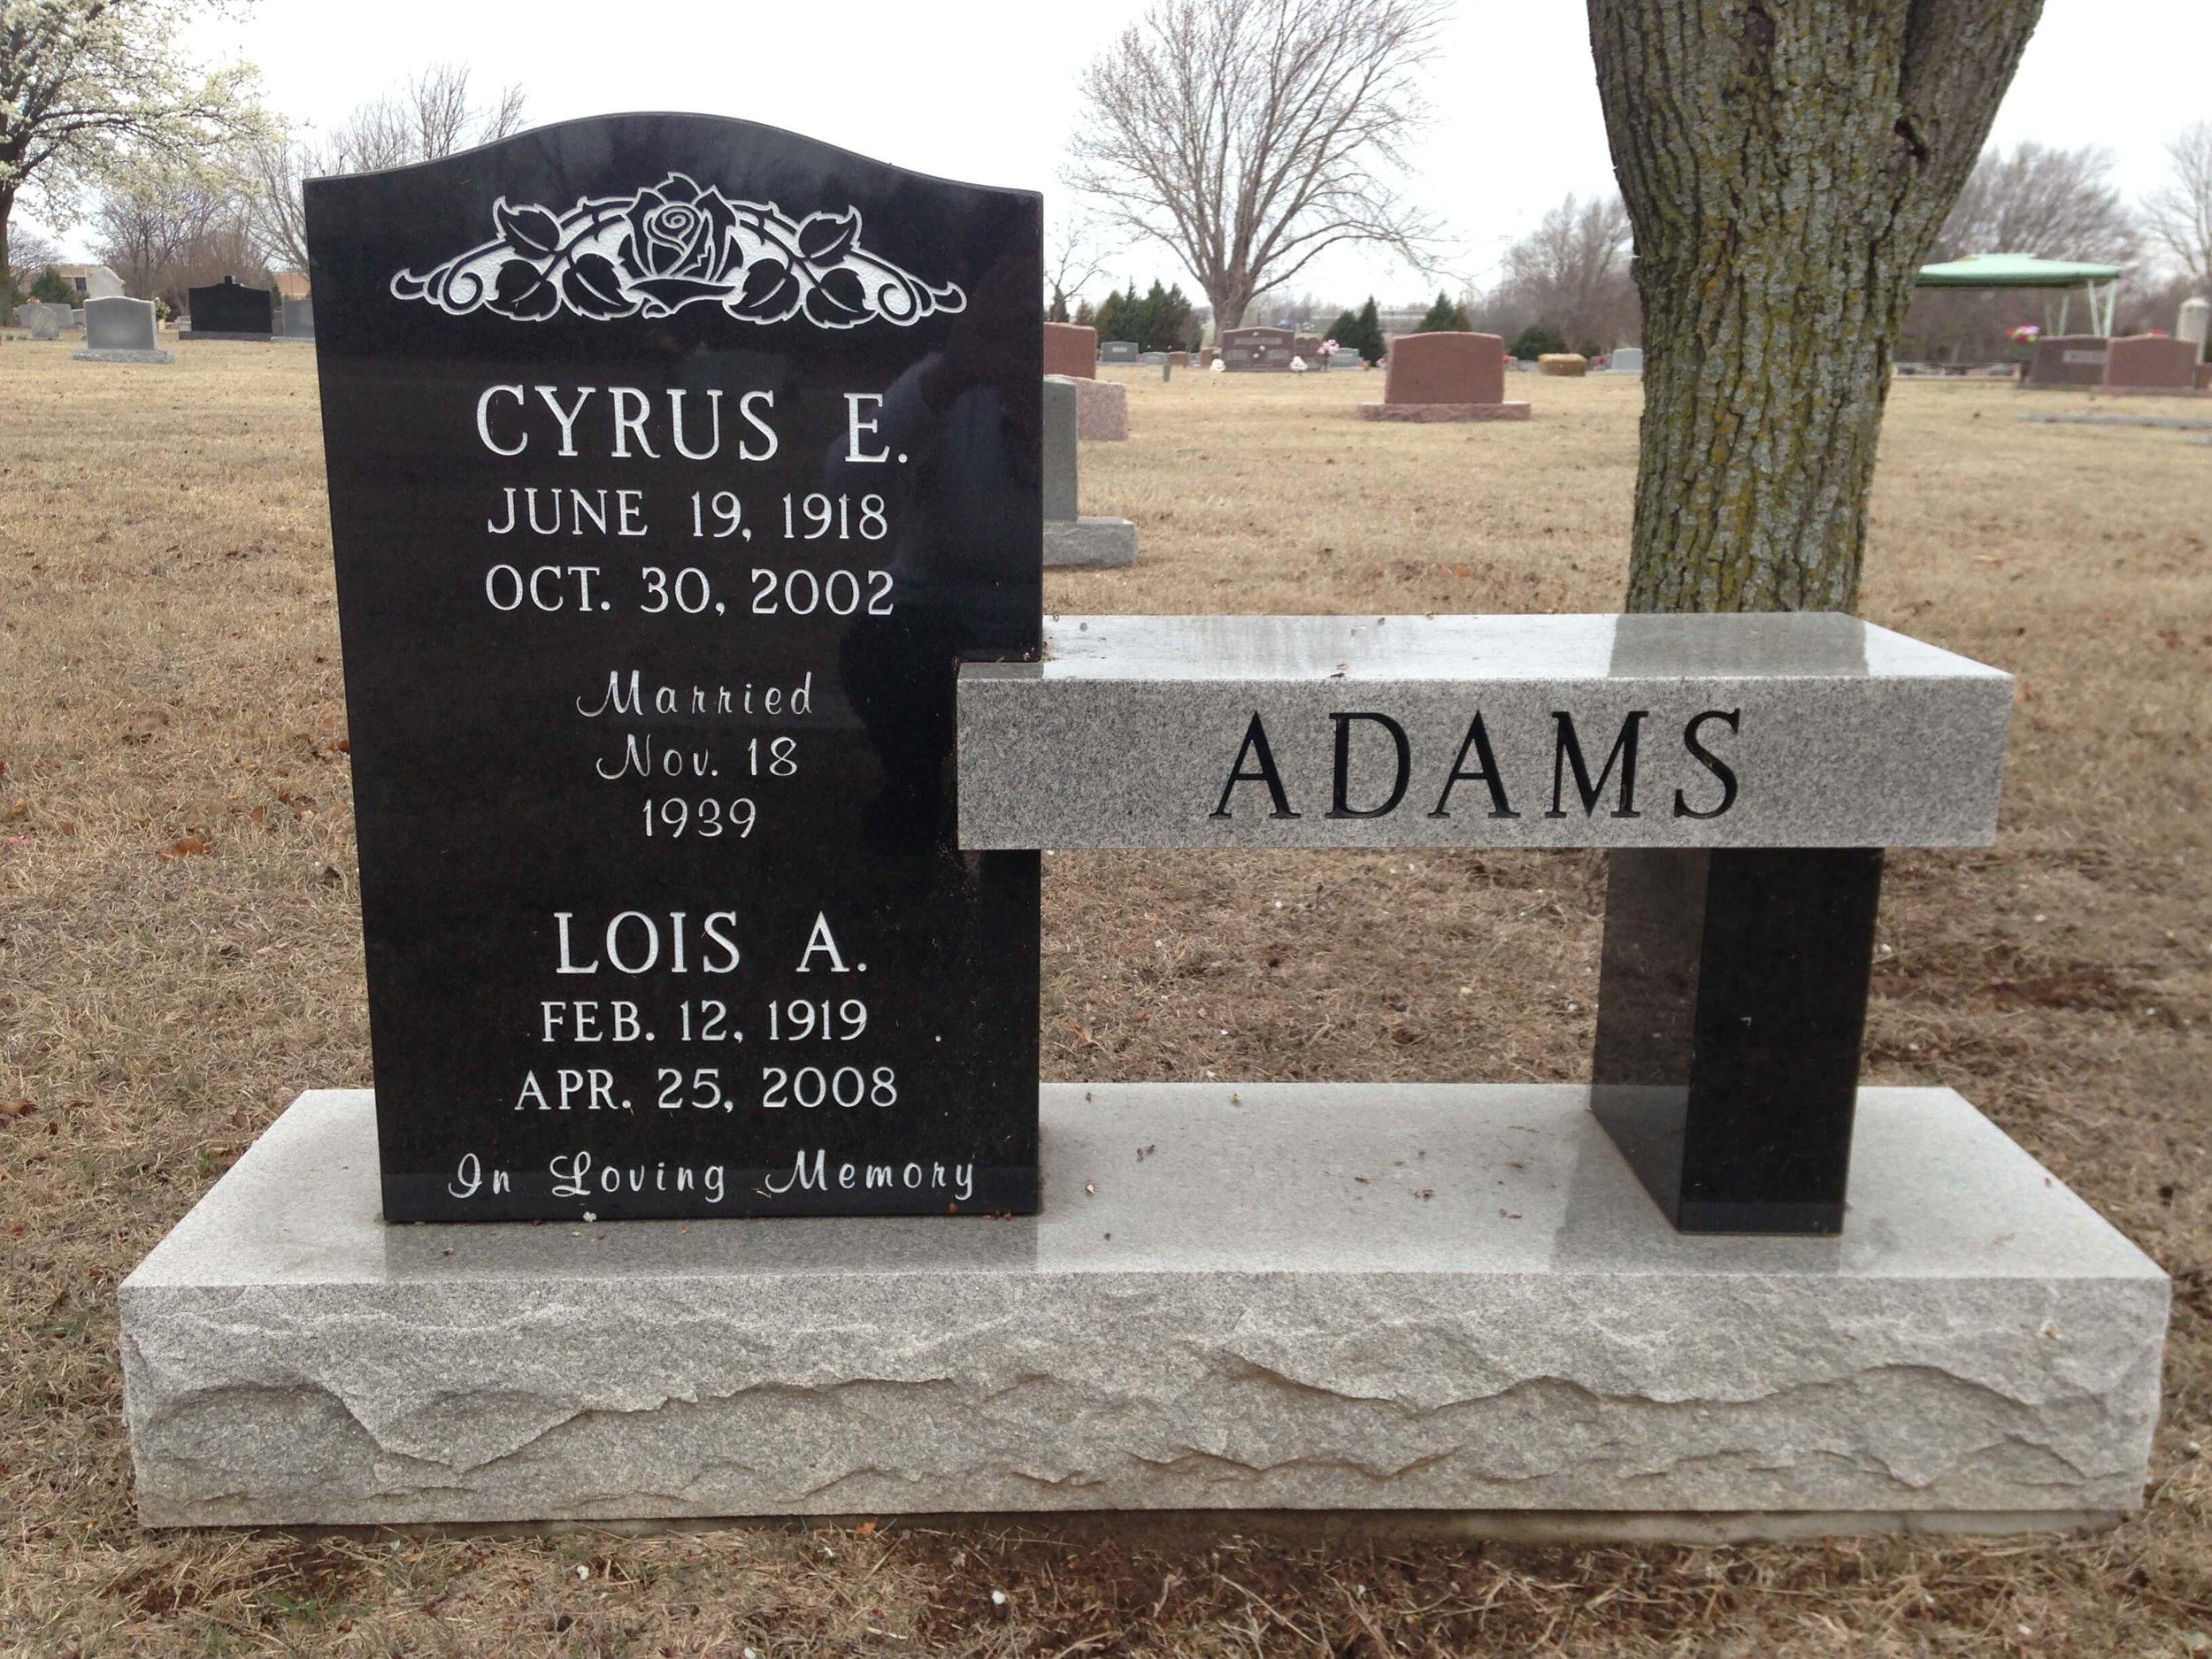 25. Gracelawn Cemetery